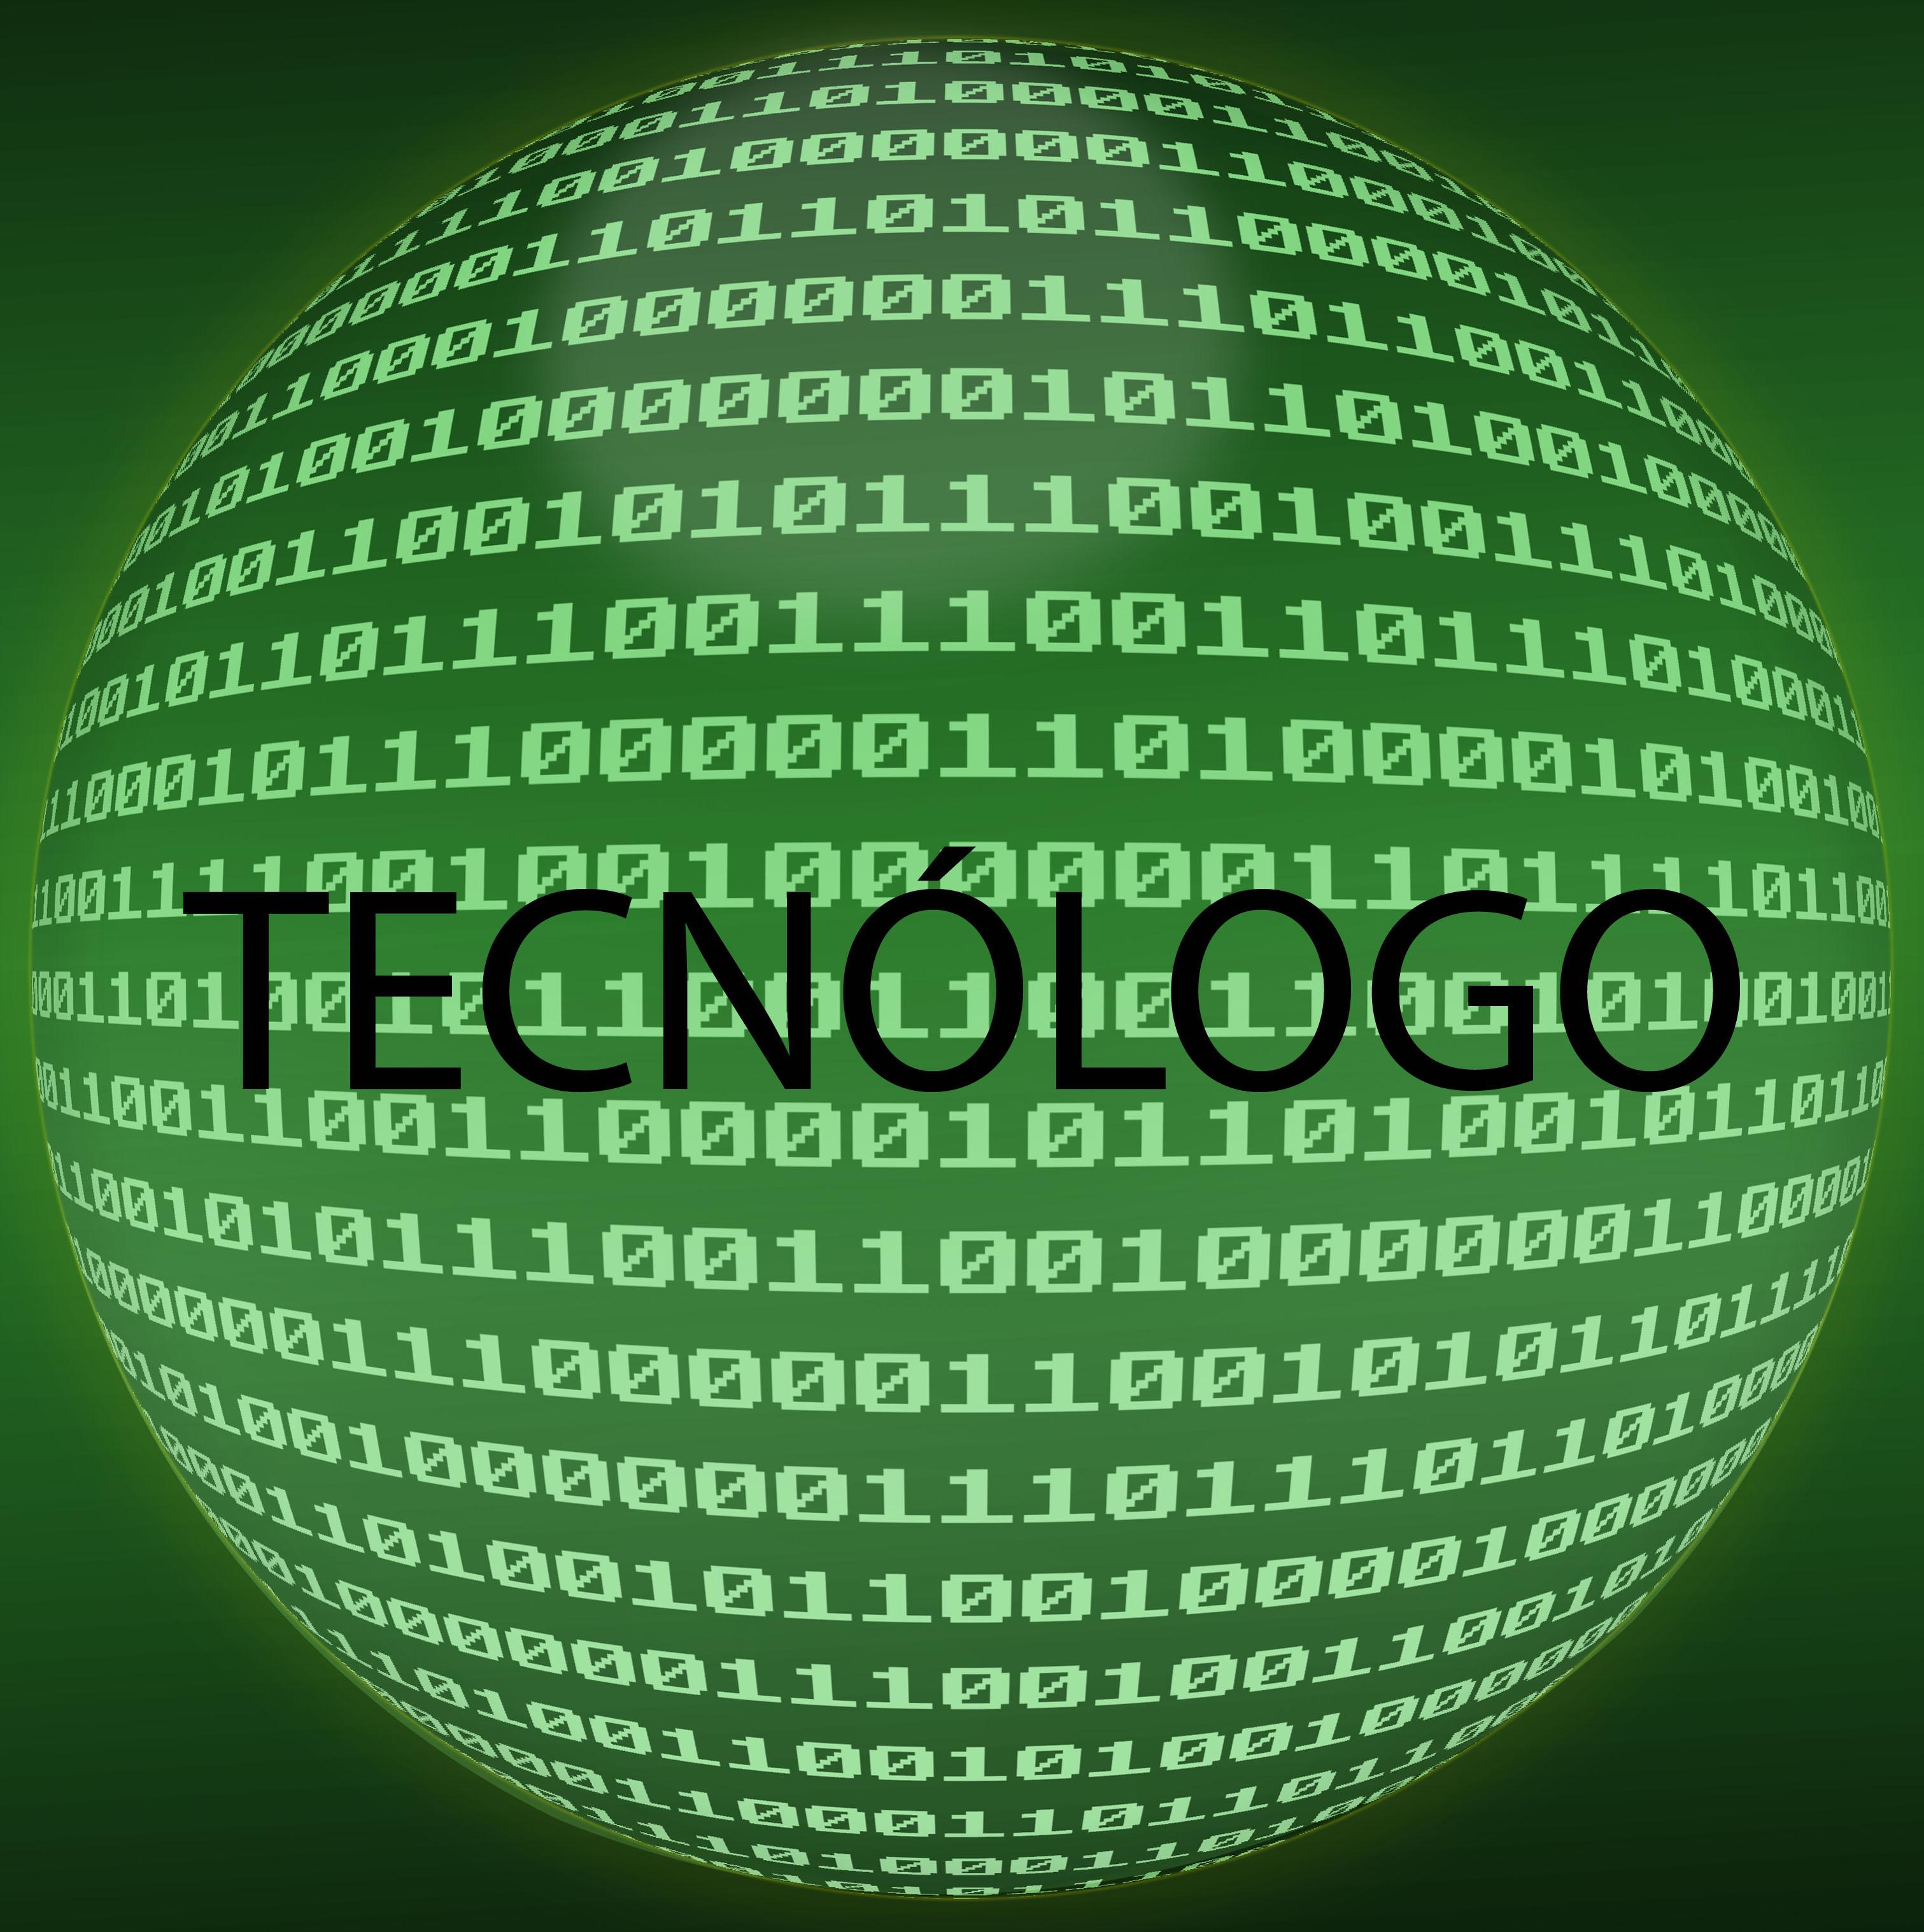 tecnologo